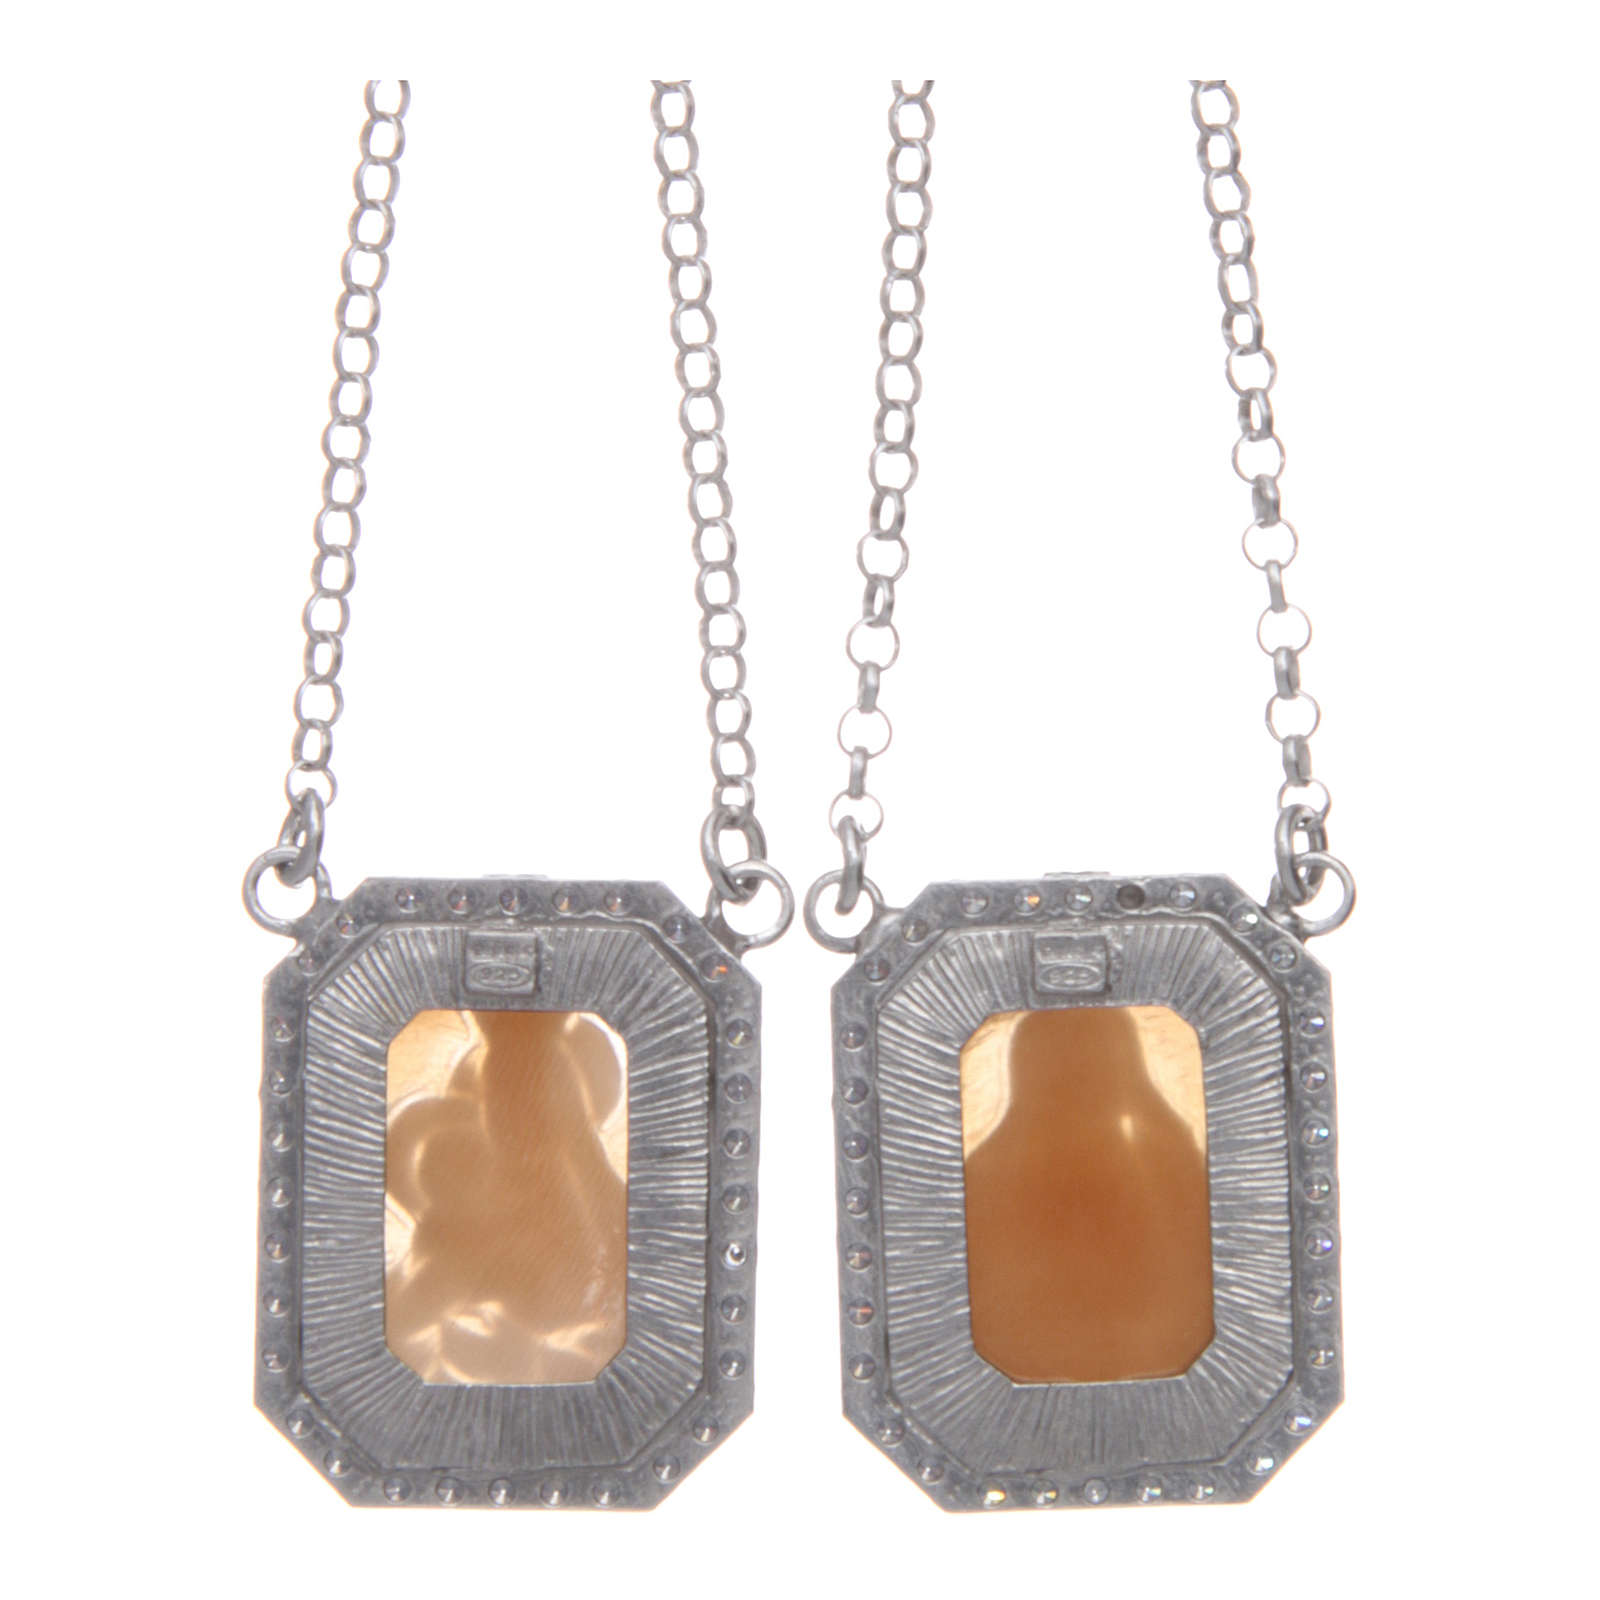 Collana scapolare argento 925 rodiato medaglie ottagonali zirconi bianchi e cammei 4